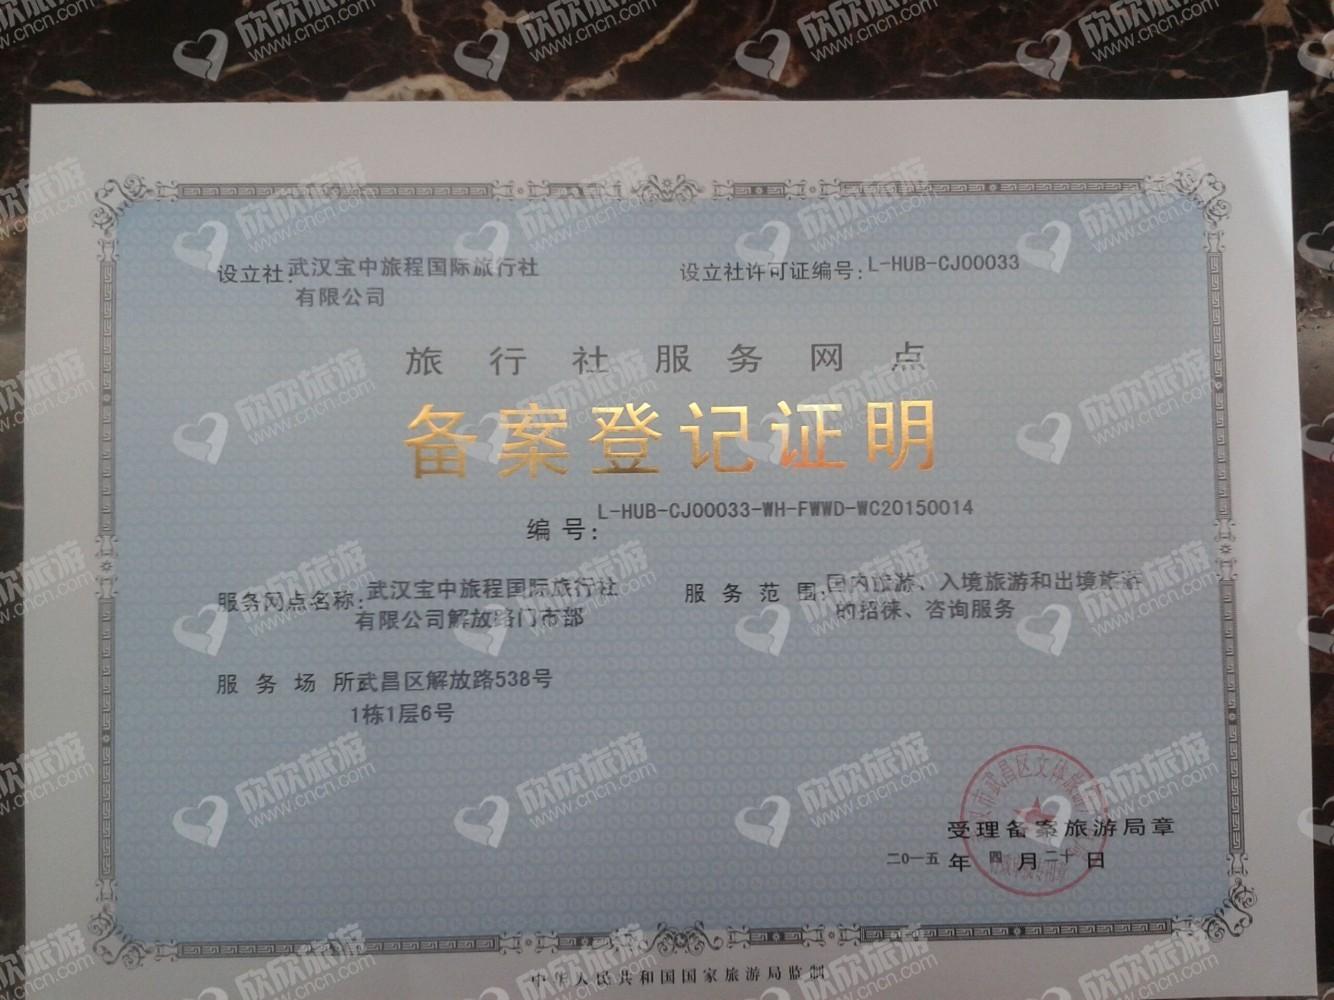 武汉宝中旅程国际旅行社有限公司解放路门市部经营许可证